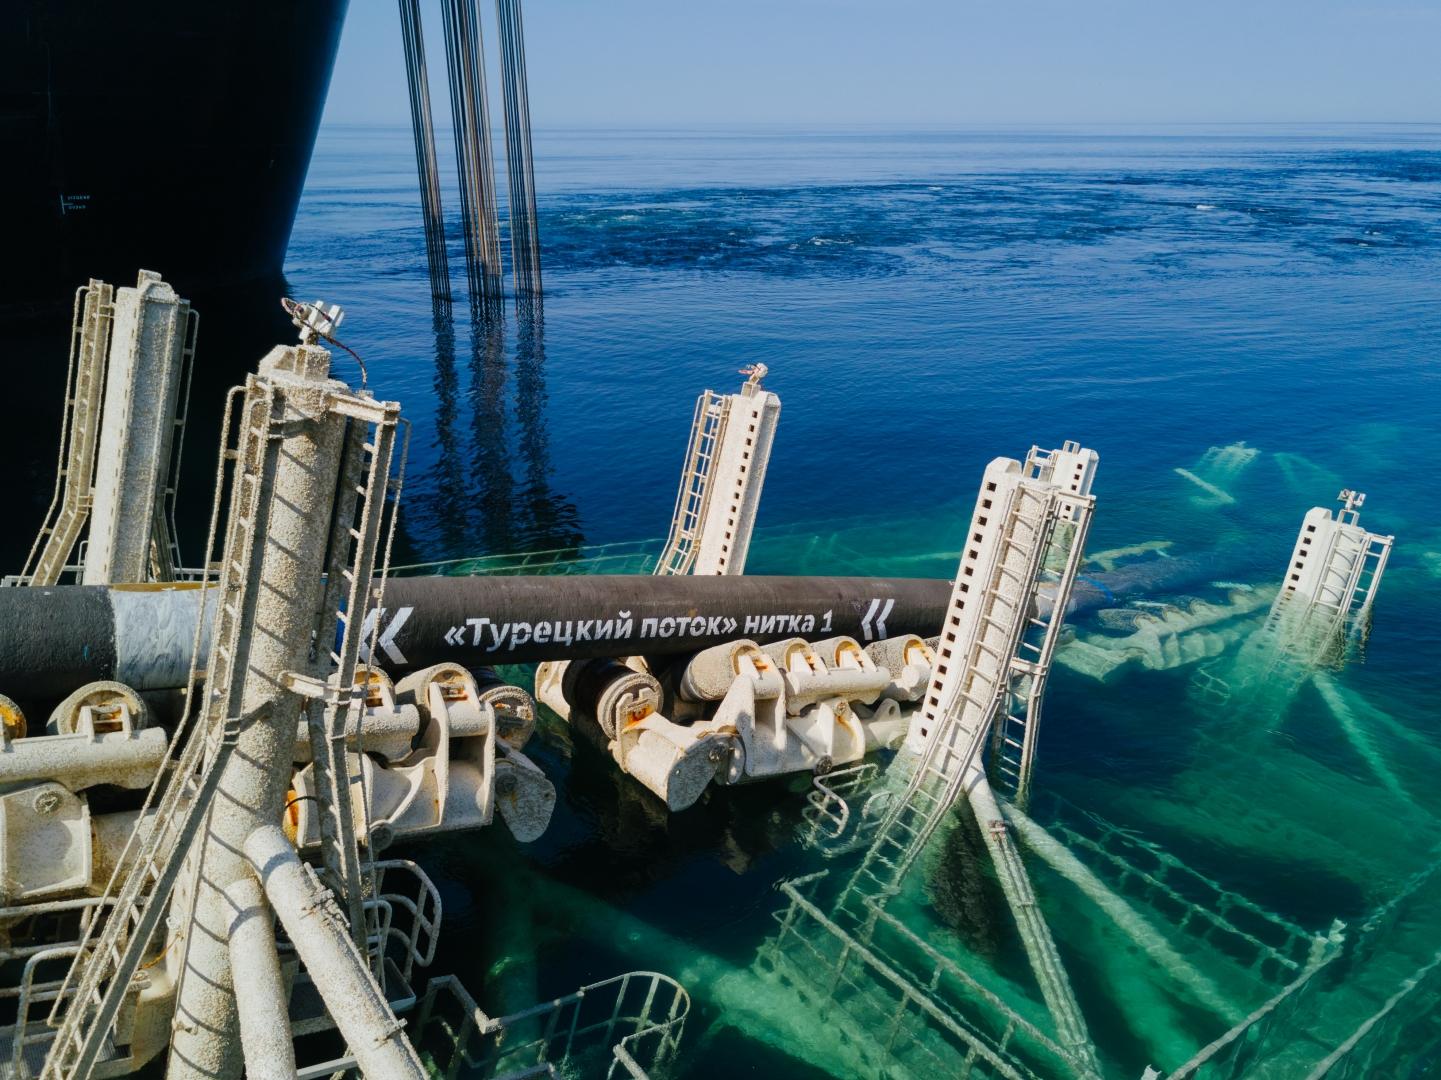 Глубоководная укладка морского участка первой нитки газопровода «Турецкий поток»